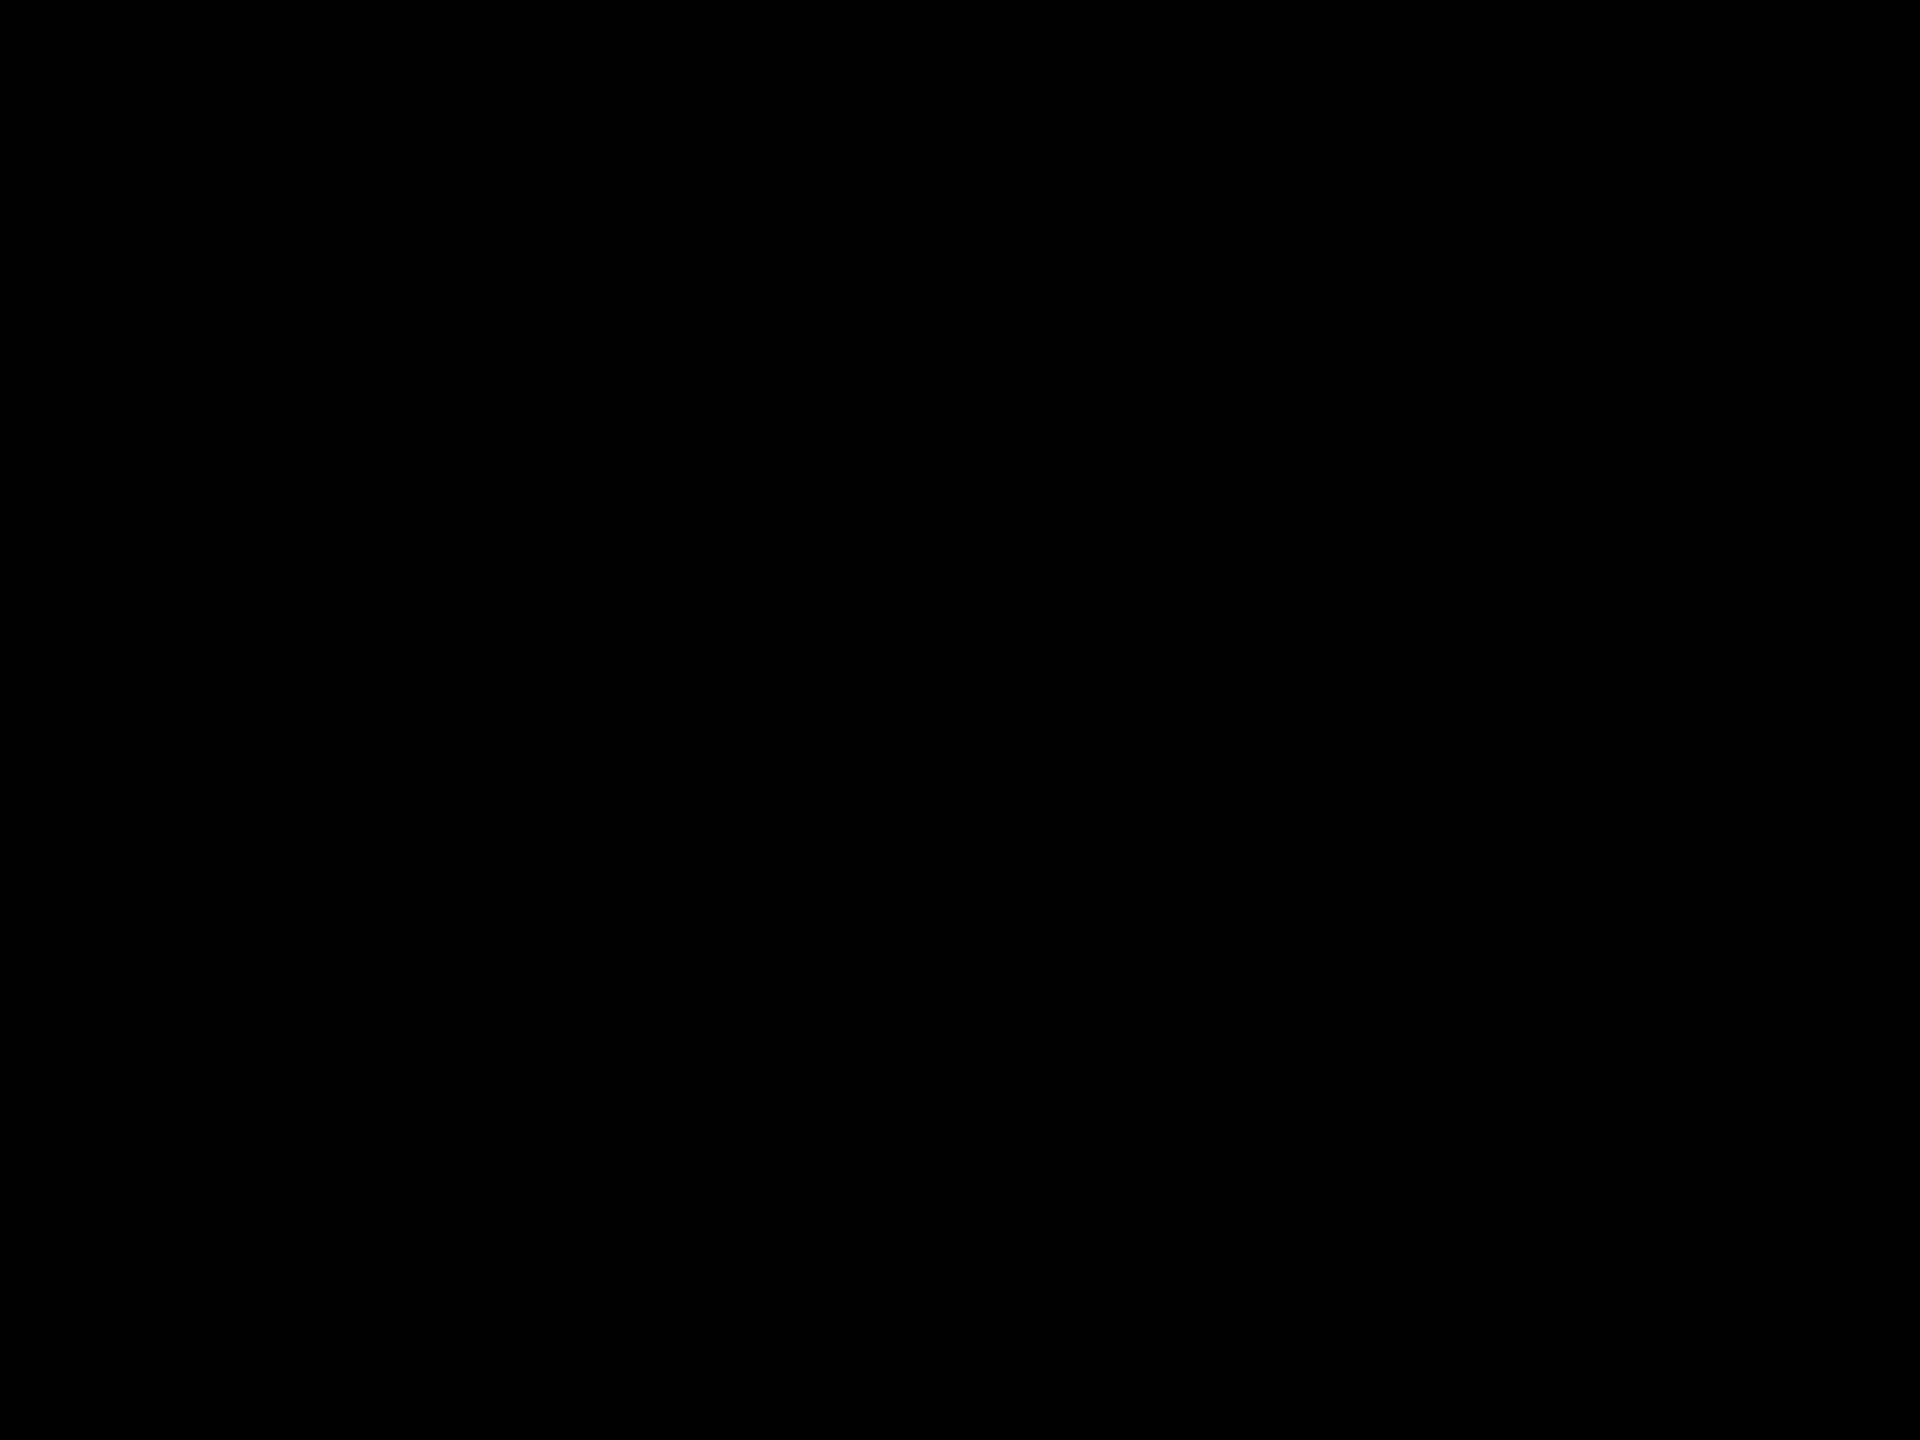 京成3000形の型紙(細帯のみ)